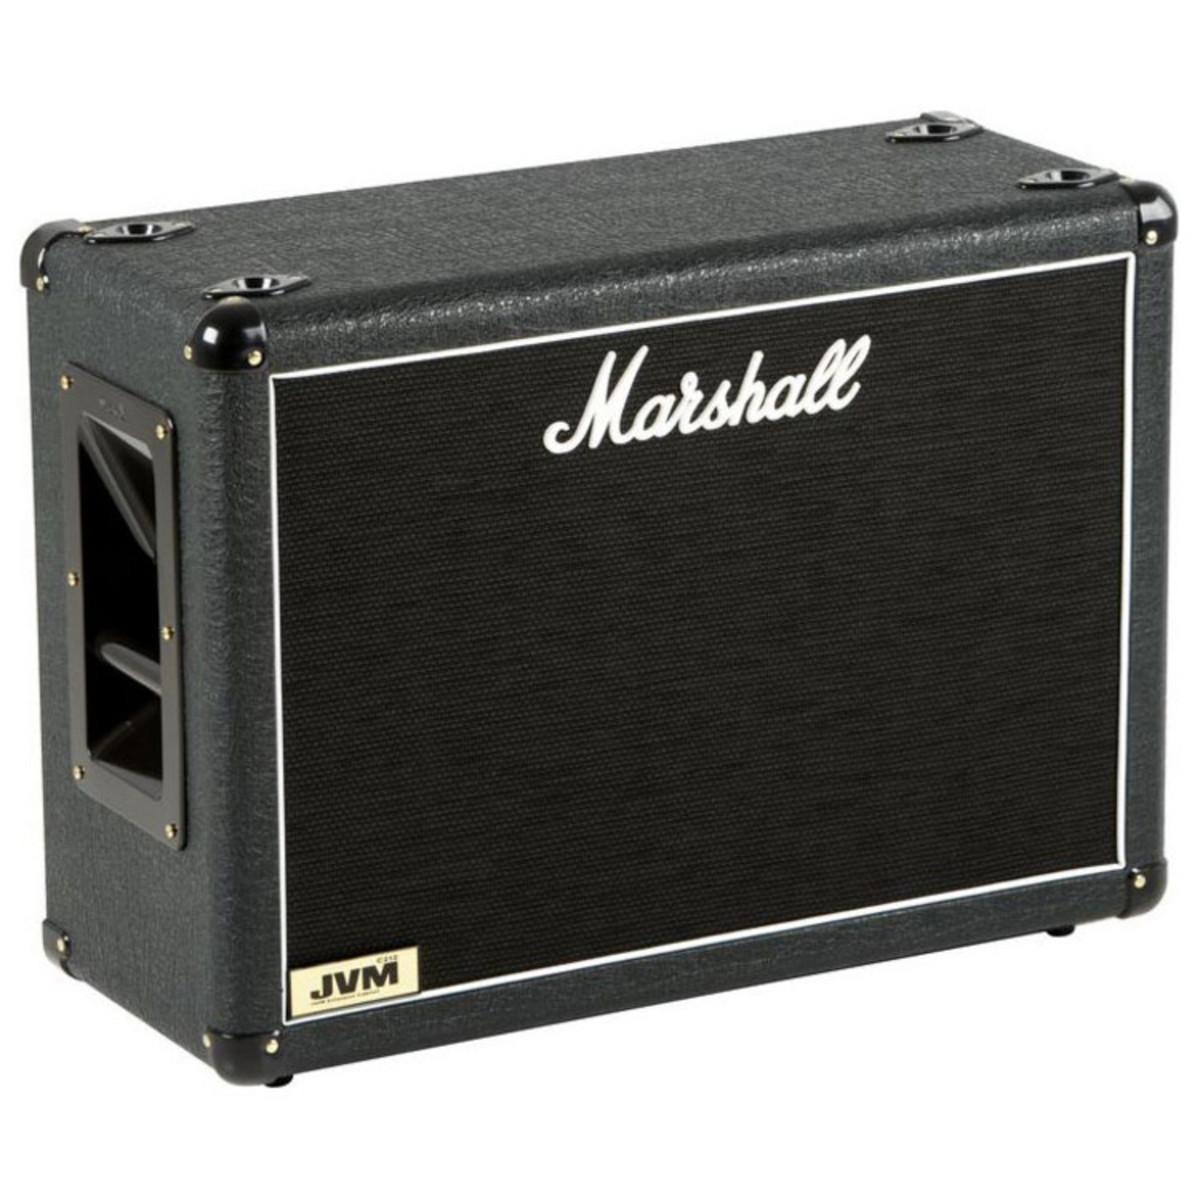 Marshall JVMC212 Guitar Speaker Cabinet at Gear4musiccom